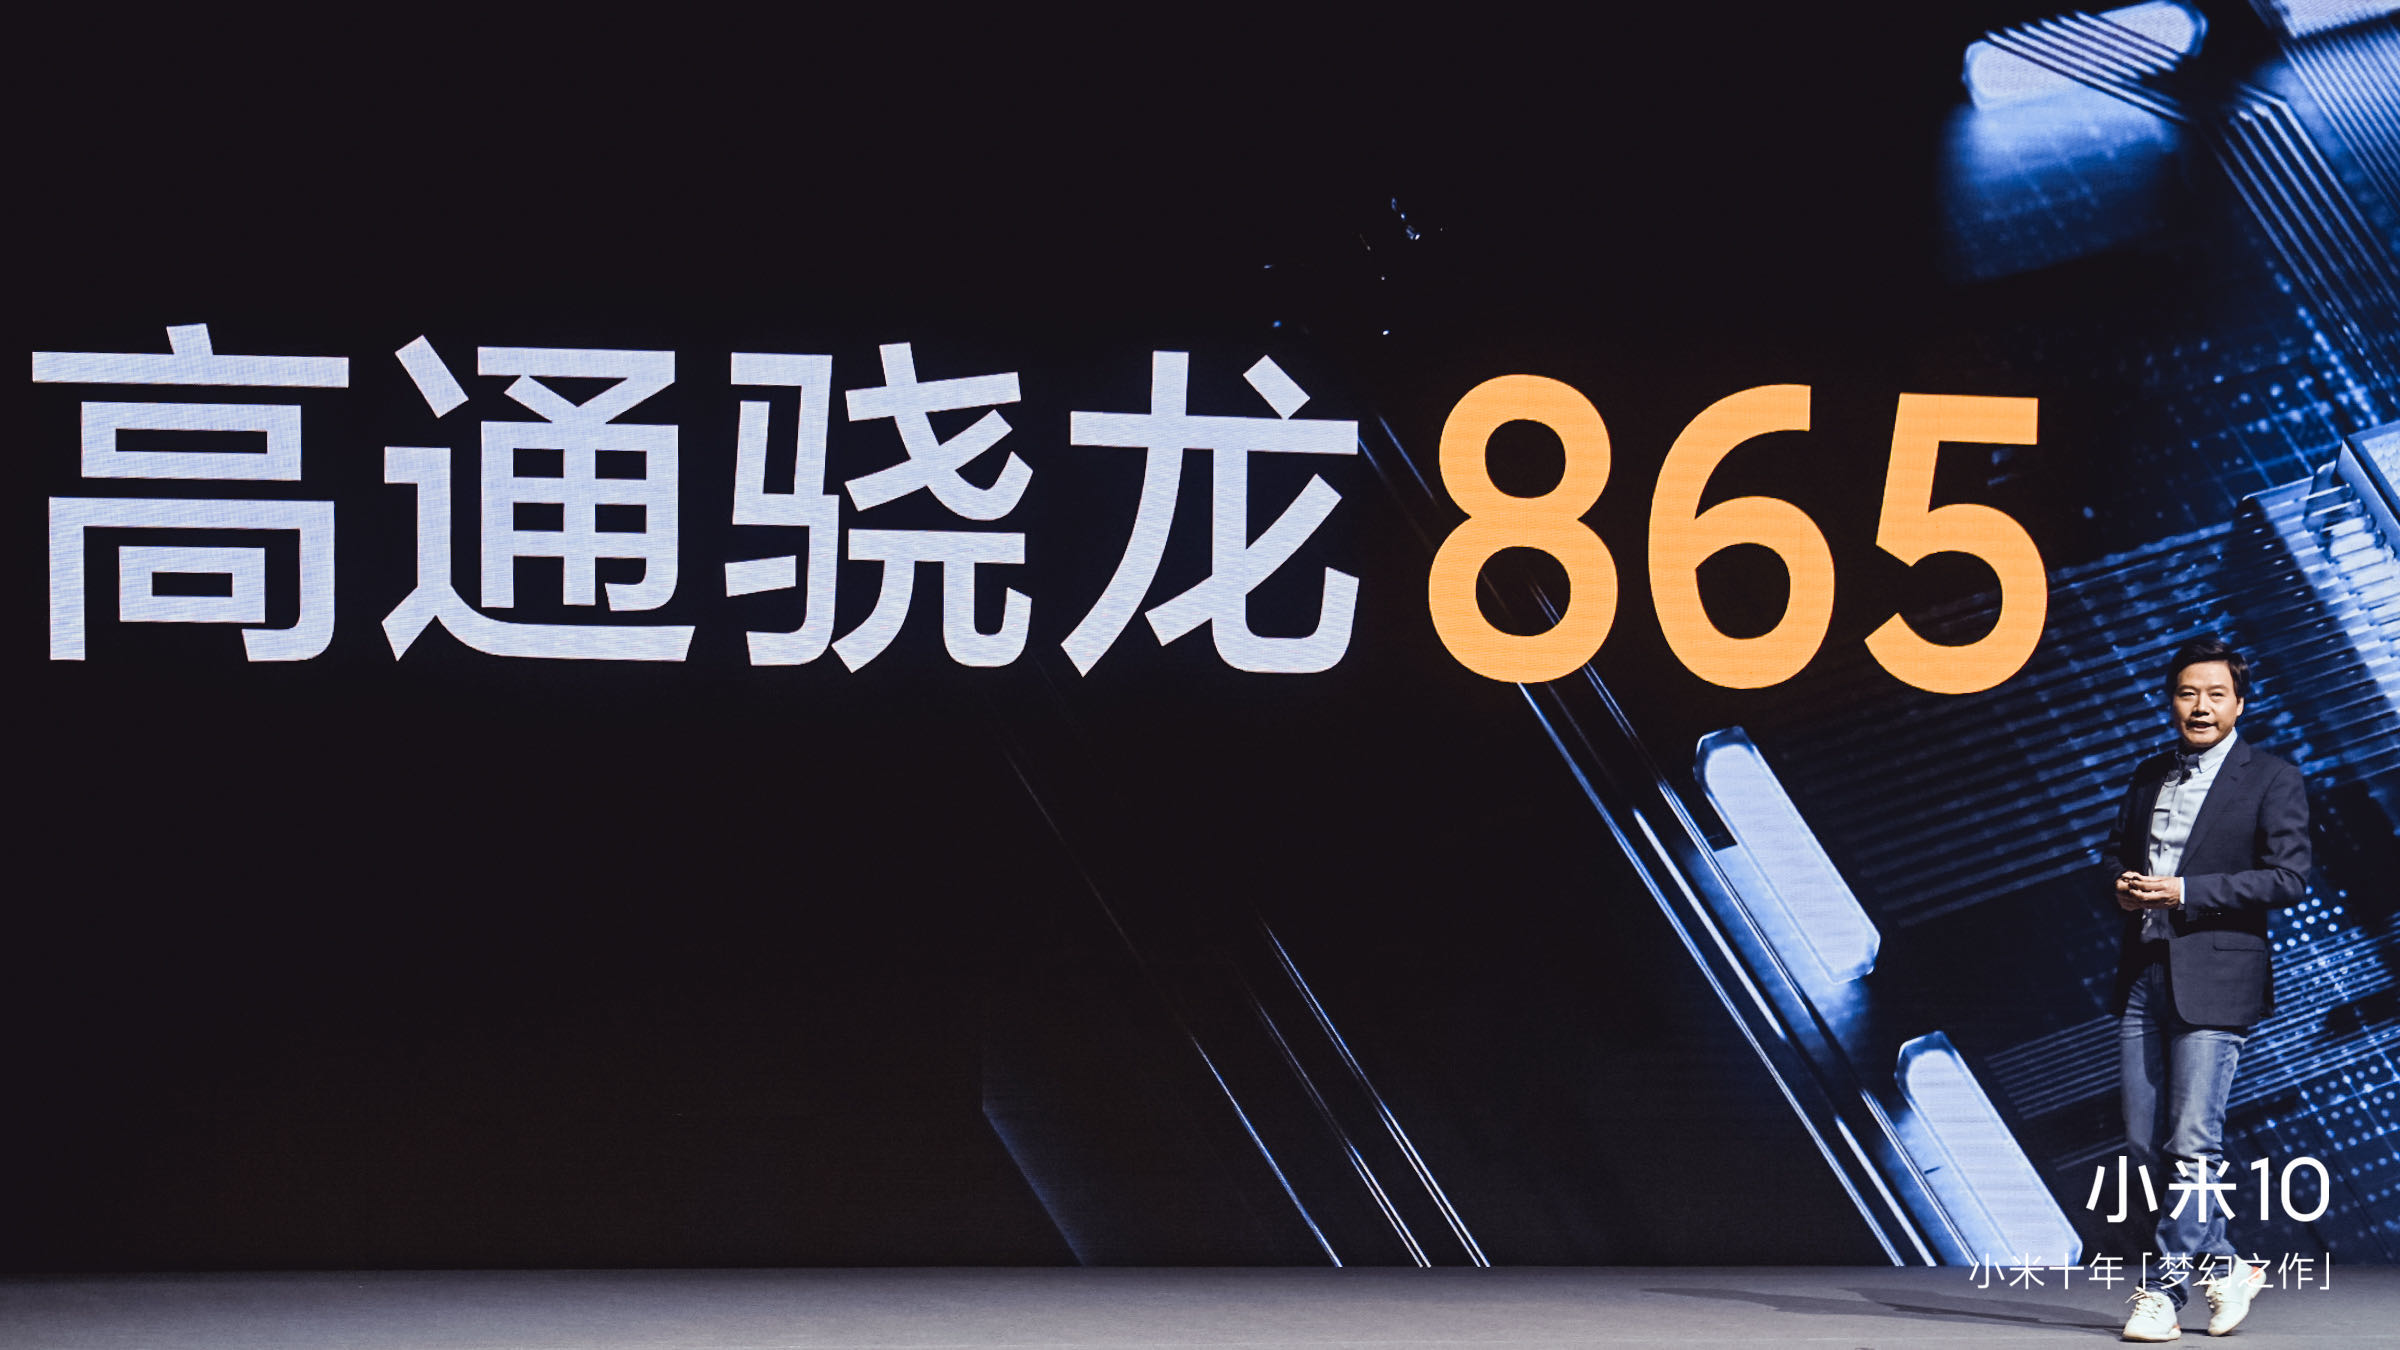 年度旗舰小米10系列发布,售价3999元起 雷军:新小米品牌冲击高端市场